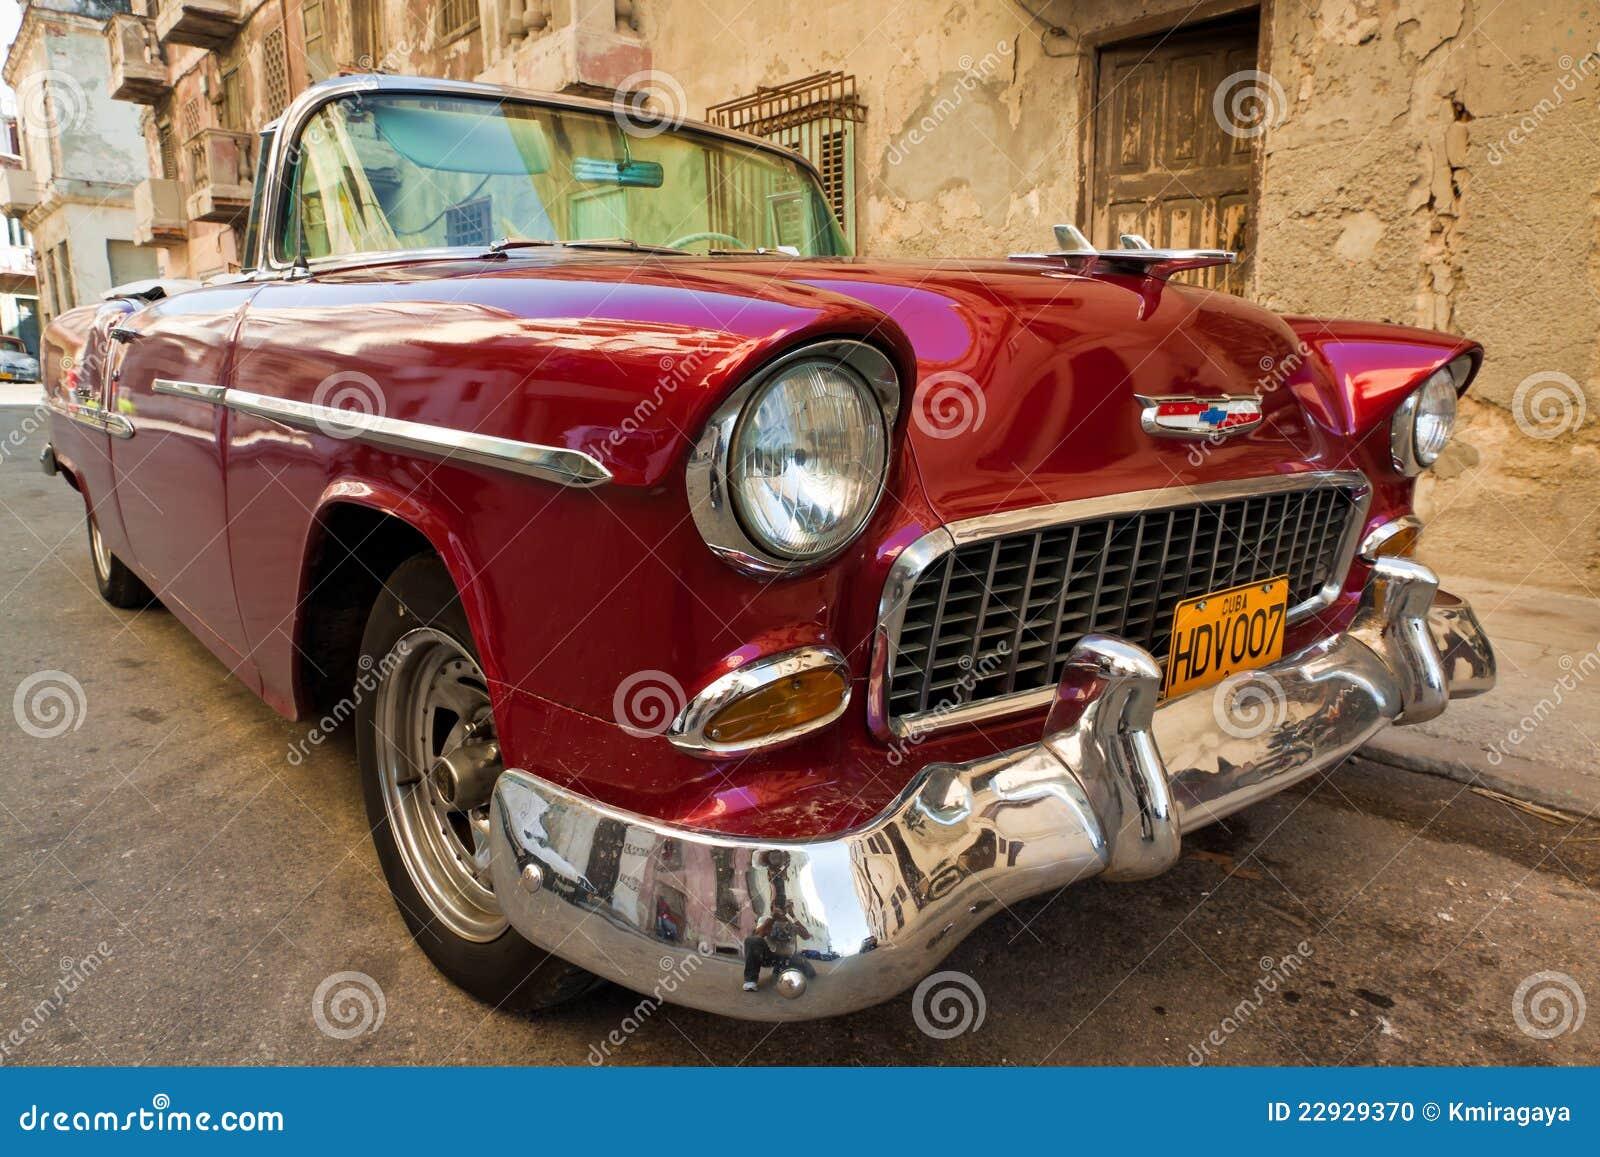 vieille voiture am ricaine classique une ic ne de la havane image ditorial. Black Bedroom Furniture Sets. Home Design Ideas